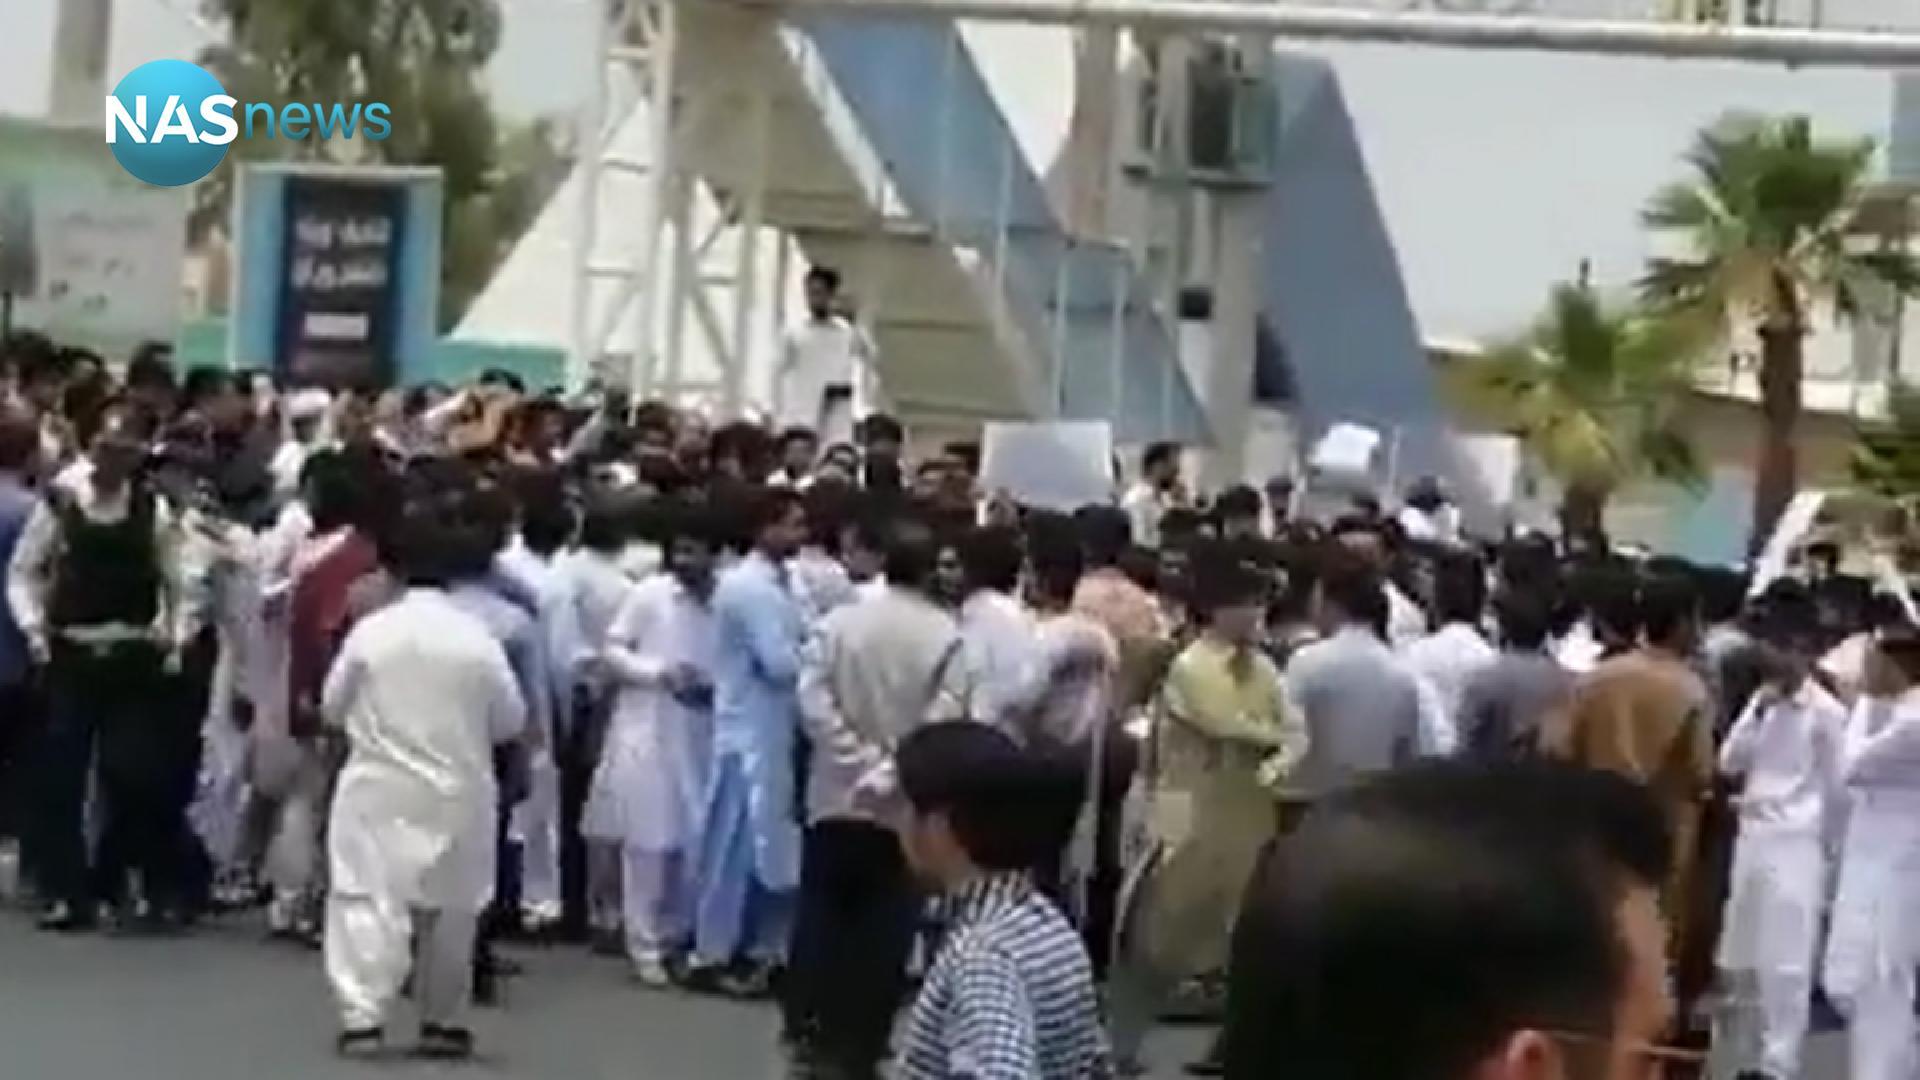 تقرير: ضحايا برصاص الحرس الثوري بعد احتجاجات غاضبة في إيران بسبب 'طرح رزاق'!